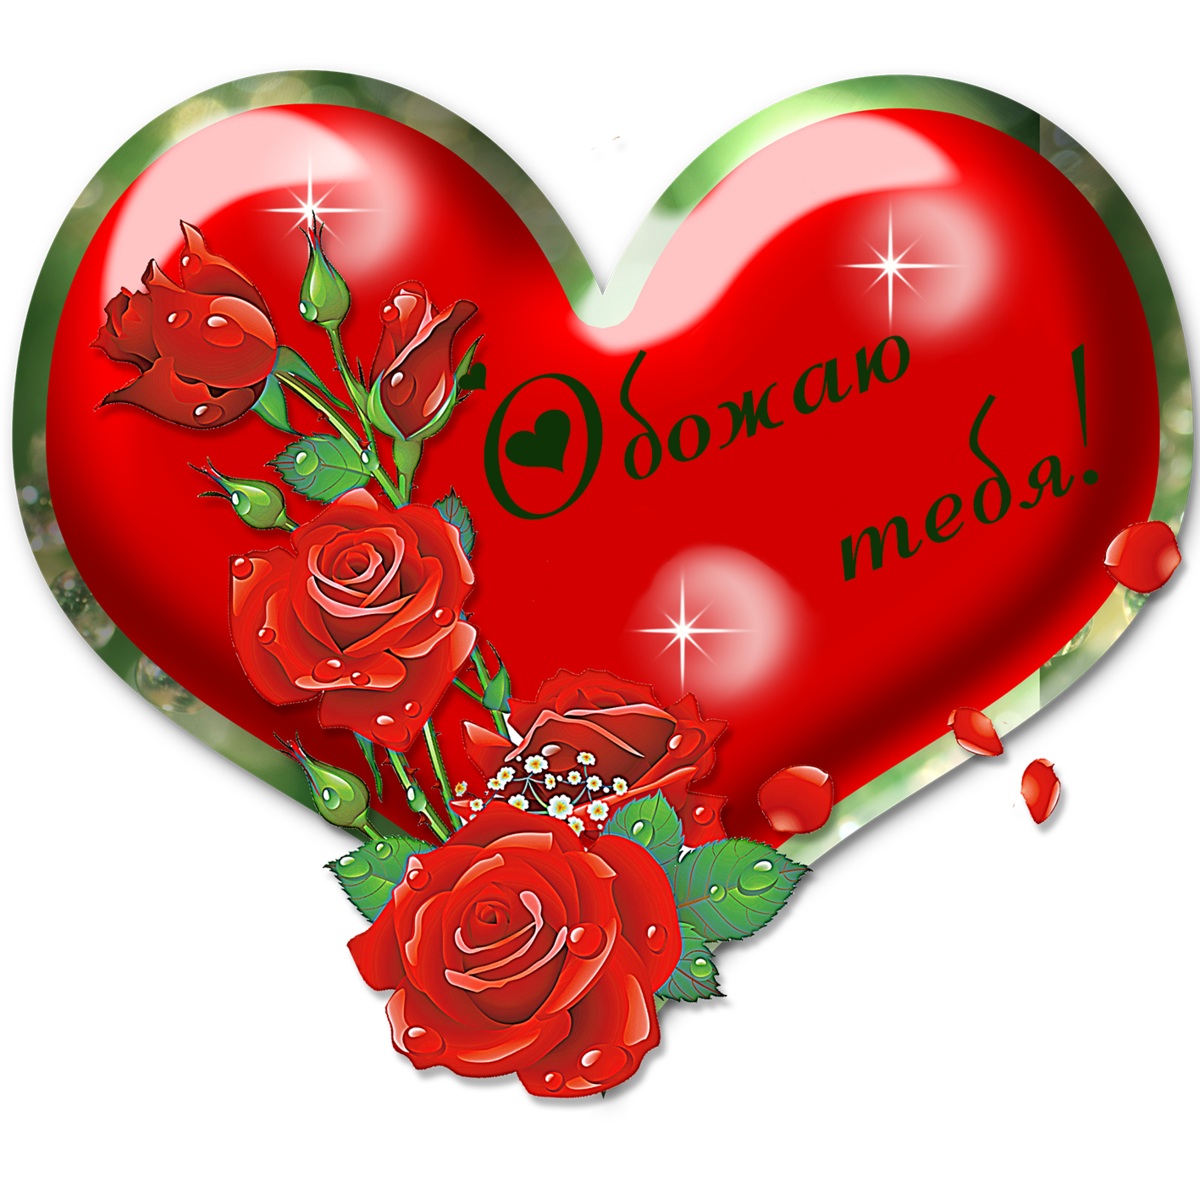 Пусть летят от сердца к сердцу поздравления